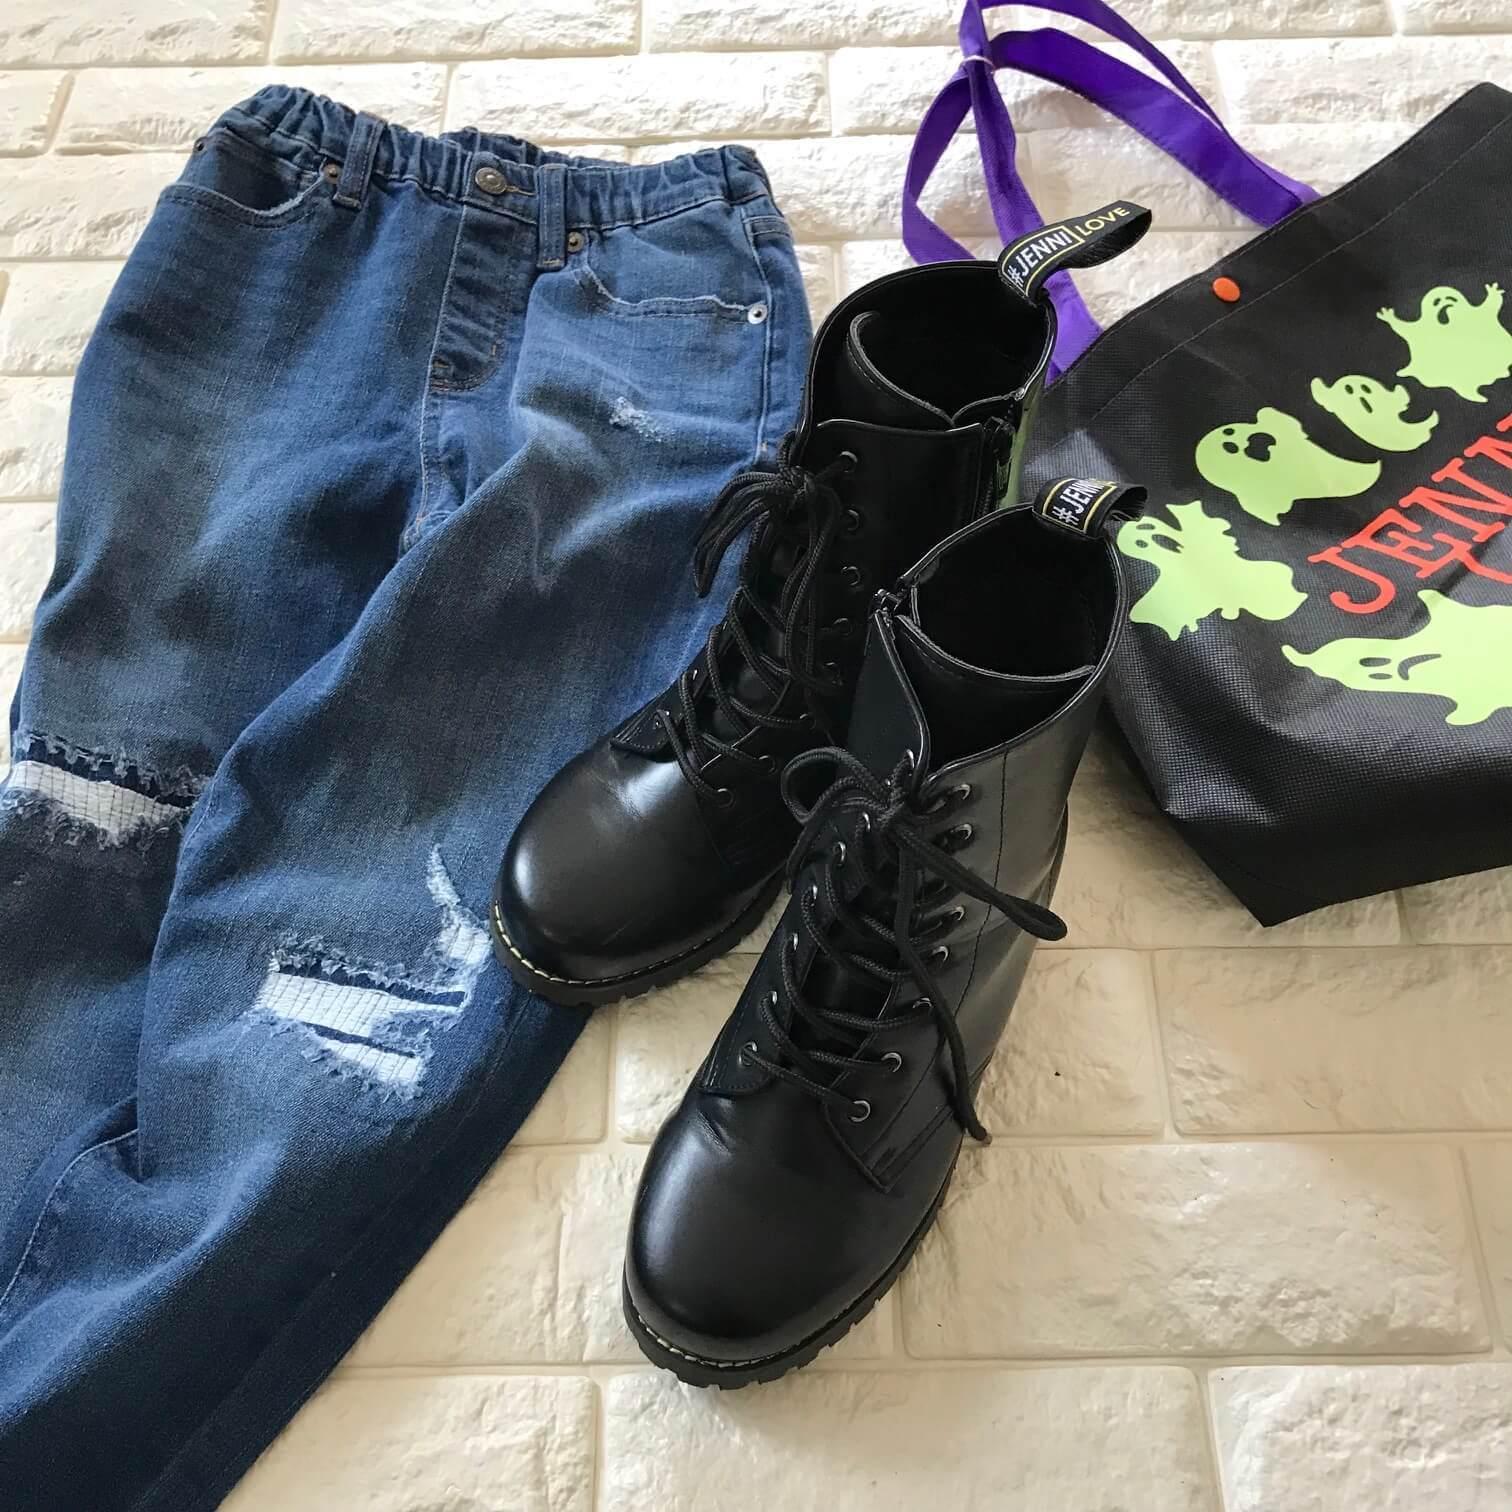 ジェニーラブのブーツとユニクロのキッズデニム画像